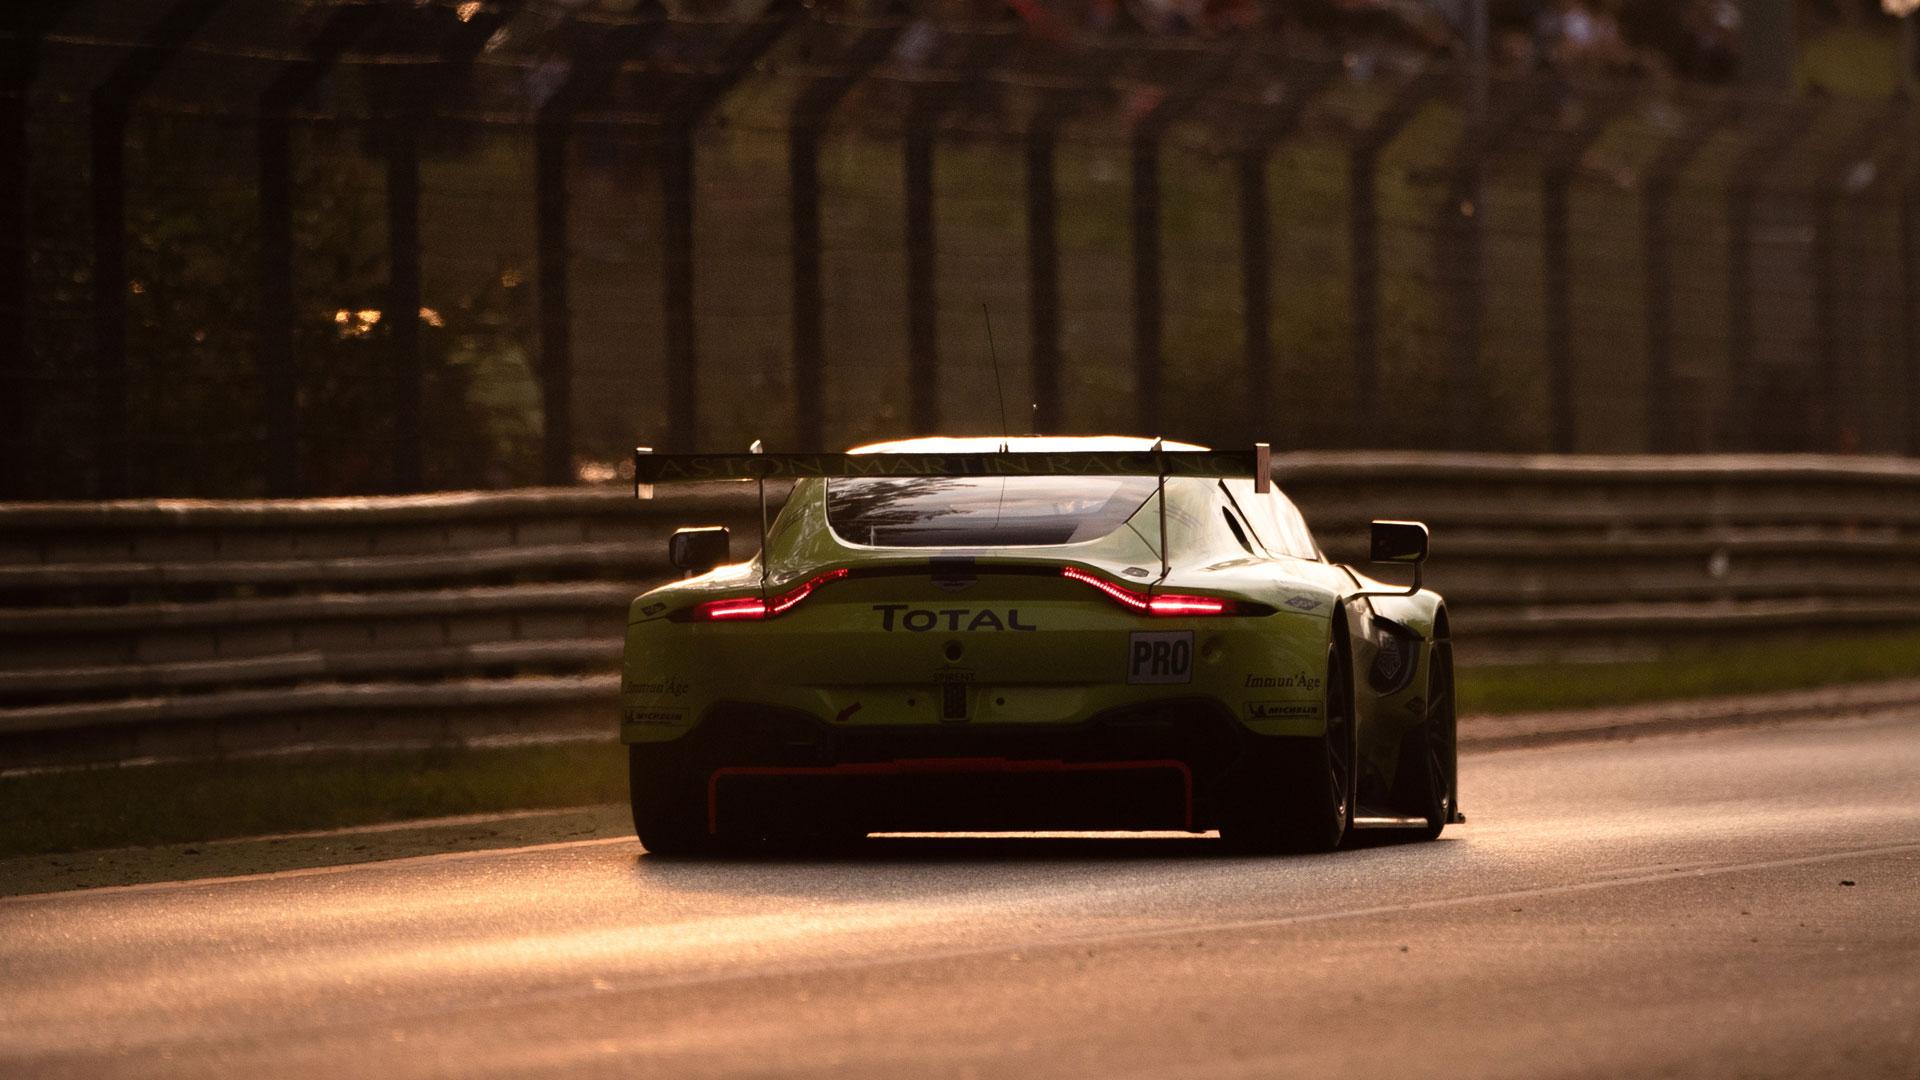 Le Mans 24 Hours – 15-16 June